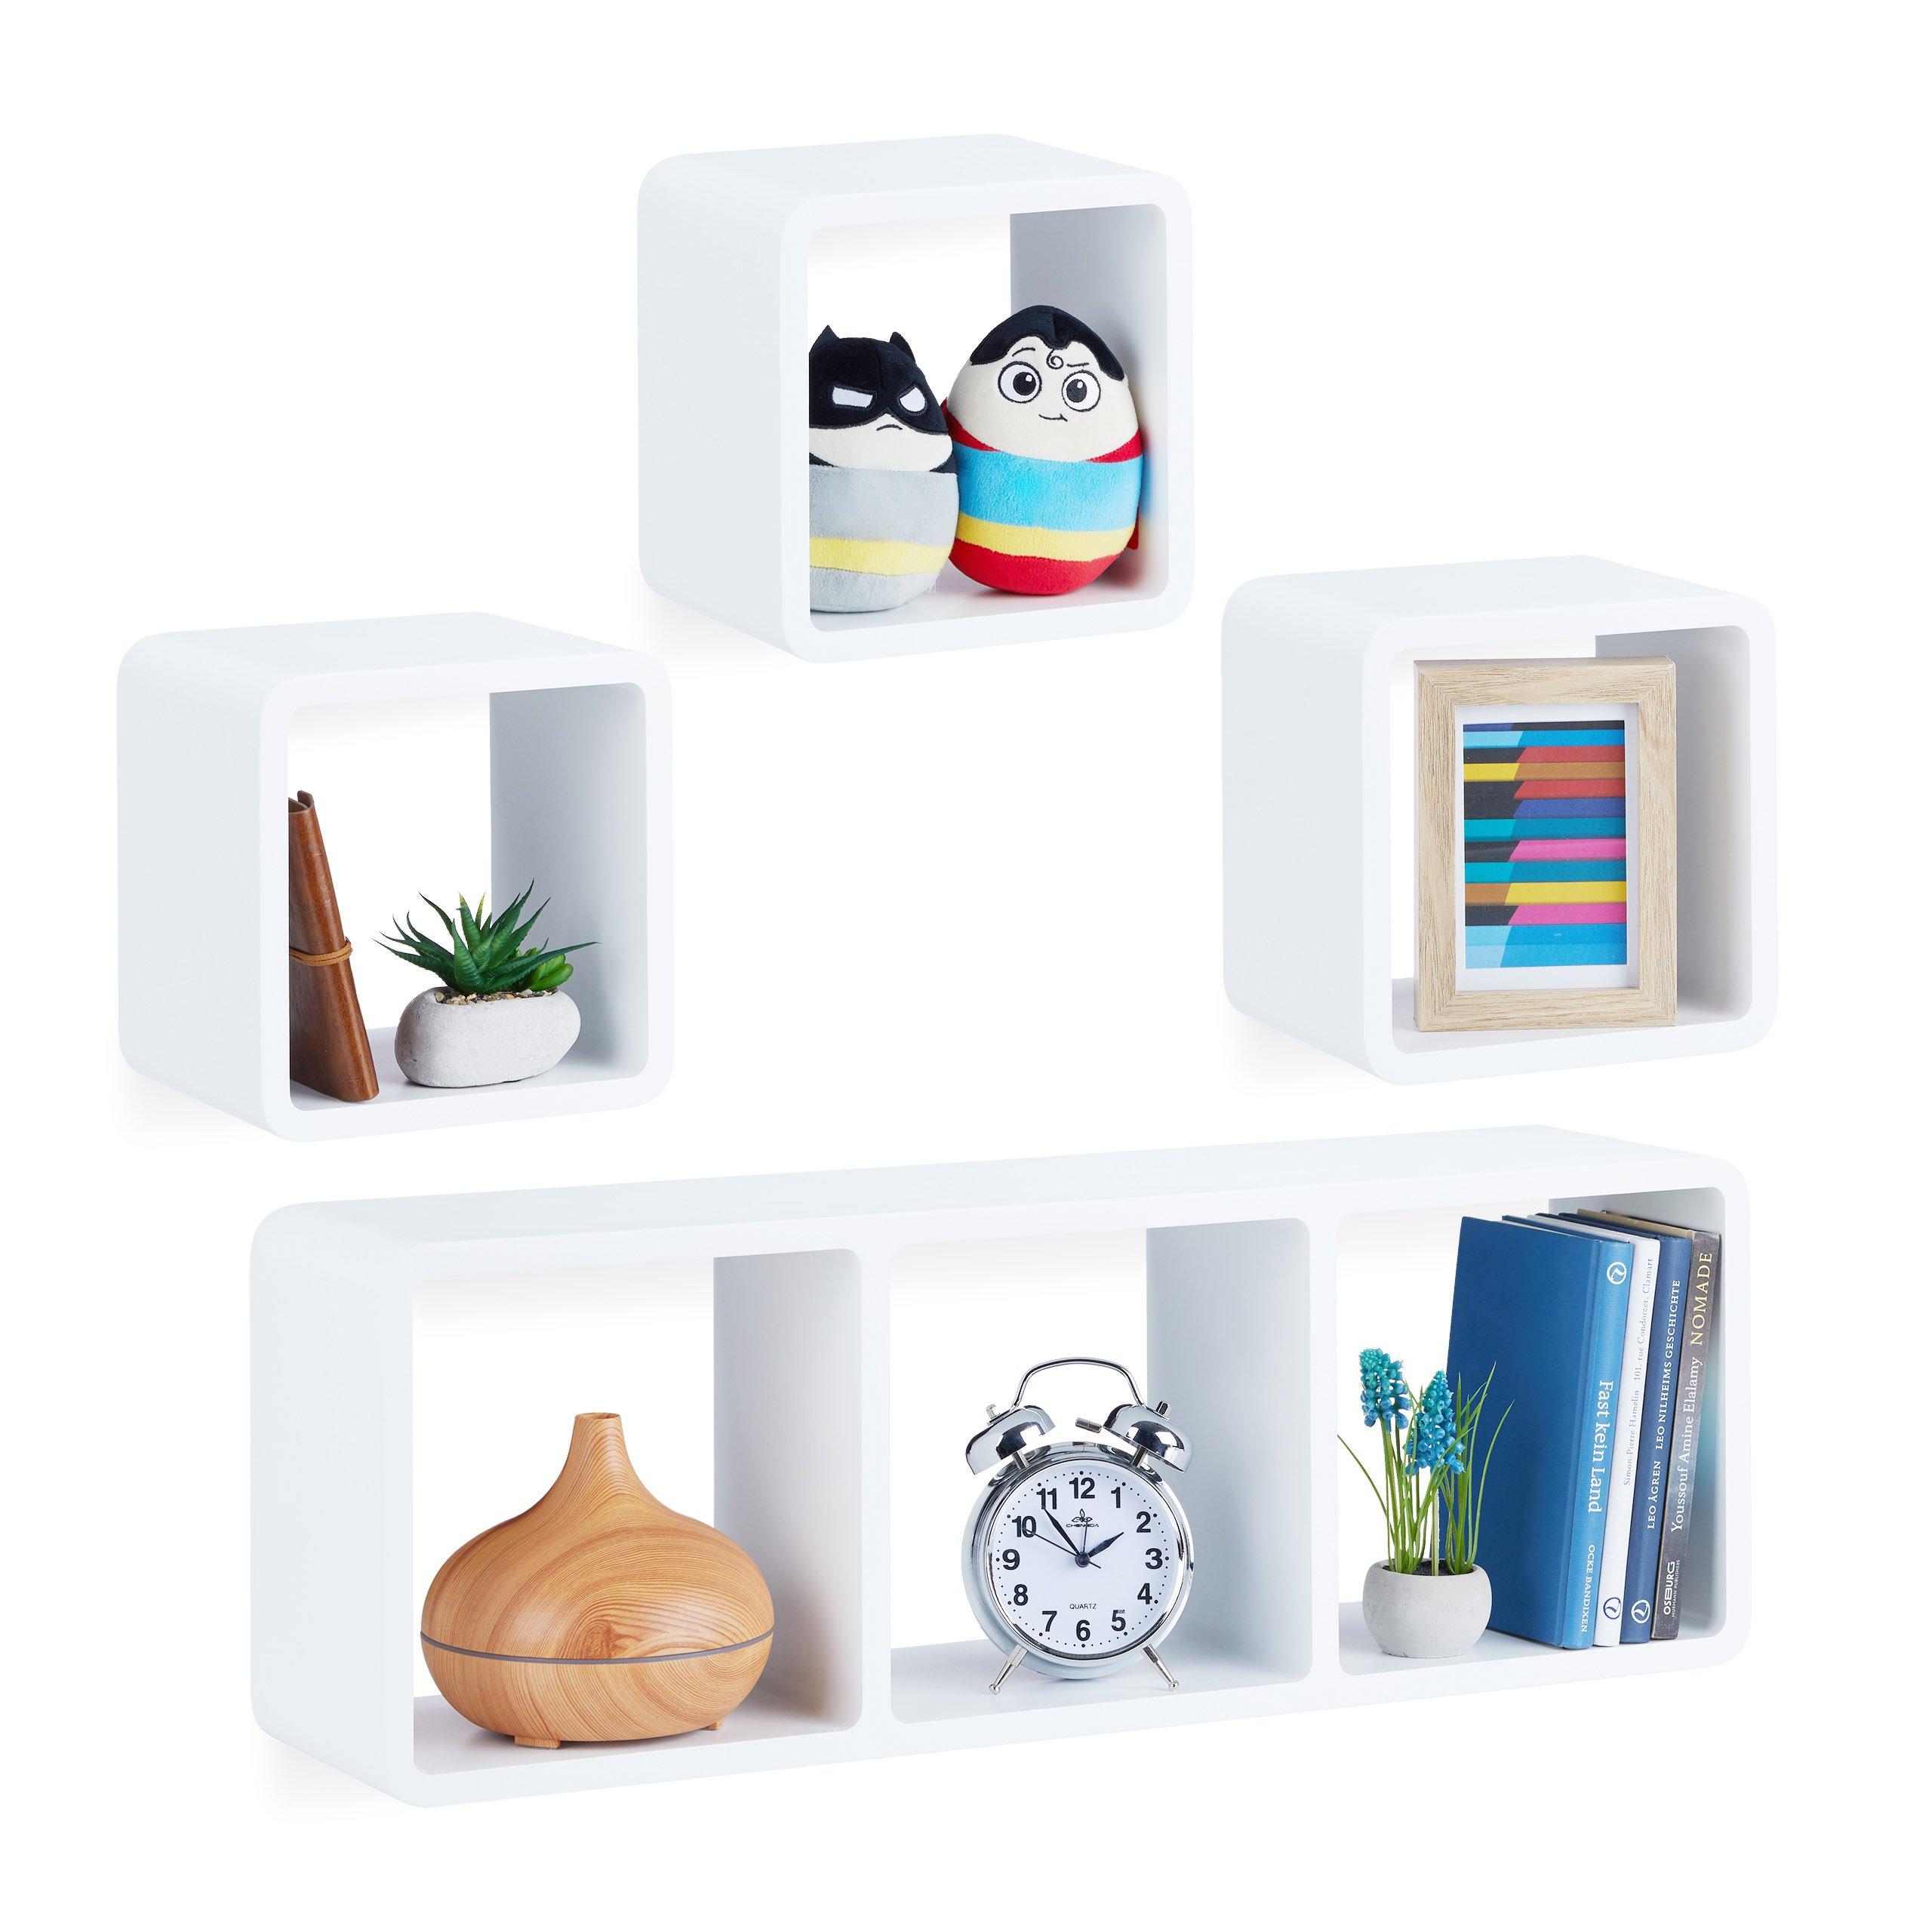 Cubi Contenitori Da Parete.Relaxdays 10021888 49 Set 4 Cubi Da Parete In Design Moderno Montaggio Verticale E Orizzontale Legno Mdf Bianco Casame